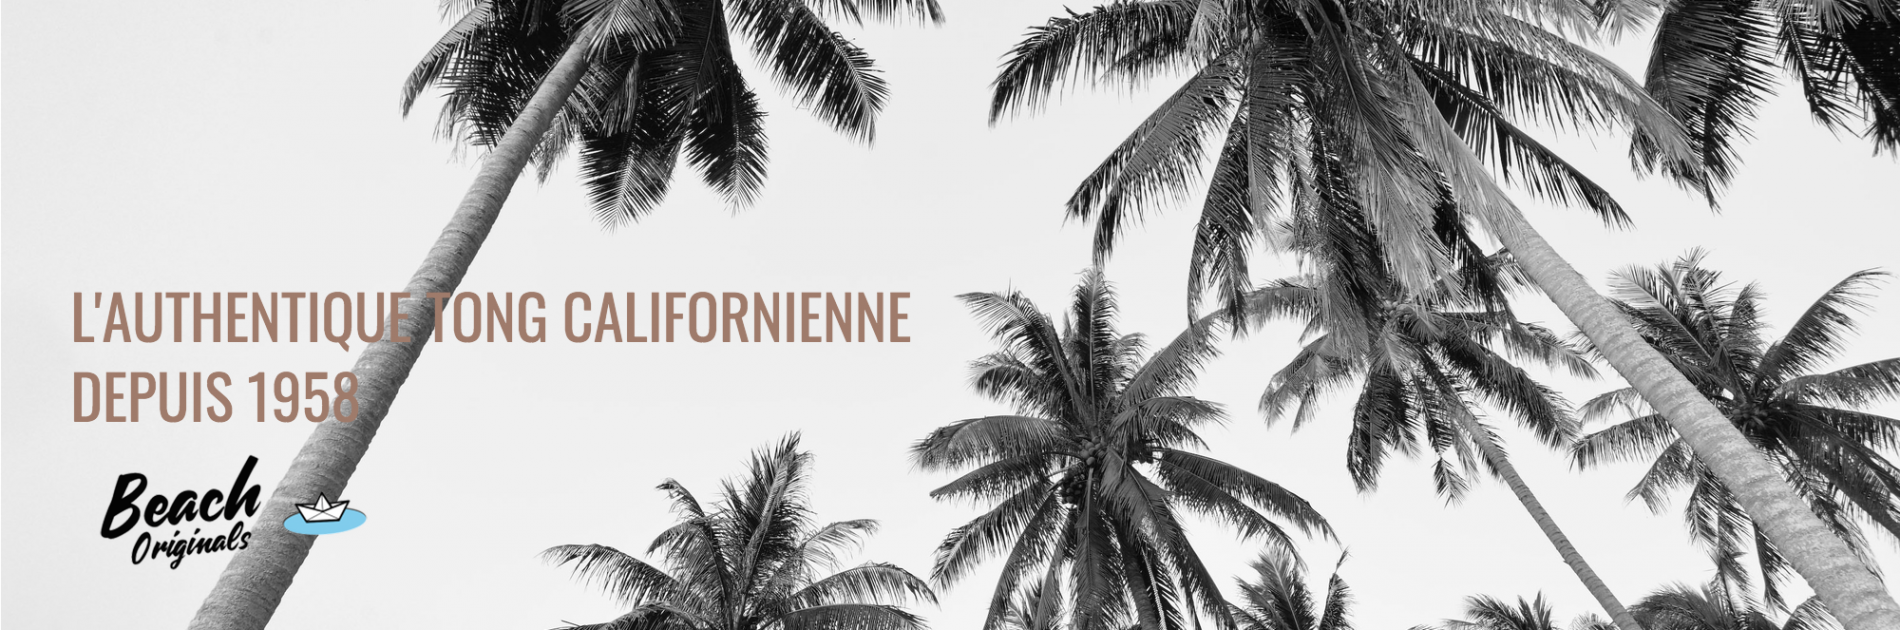 page d'accueil bureau Beach Originals sur fond de palmiers, texte couleur marron coco et logo